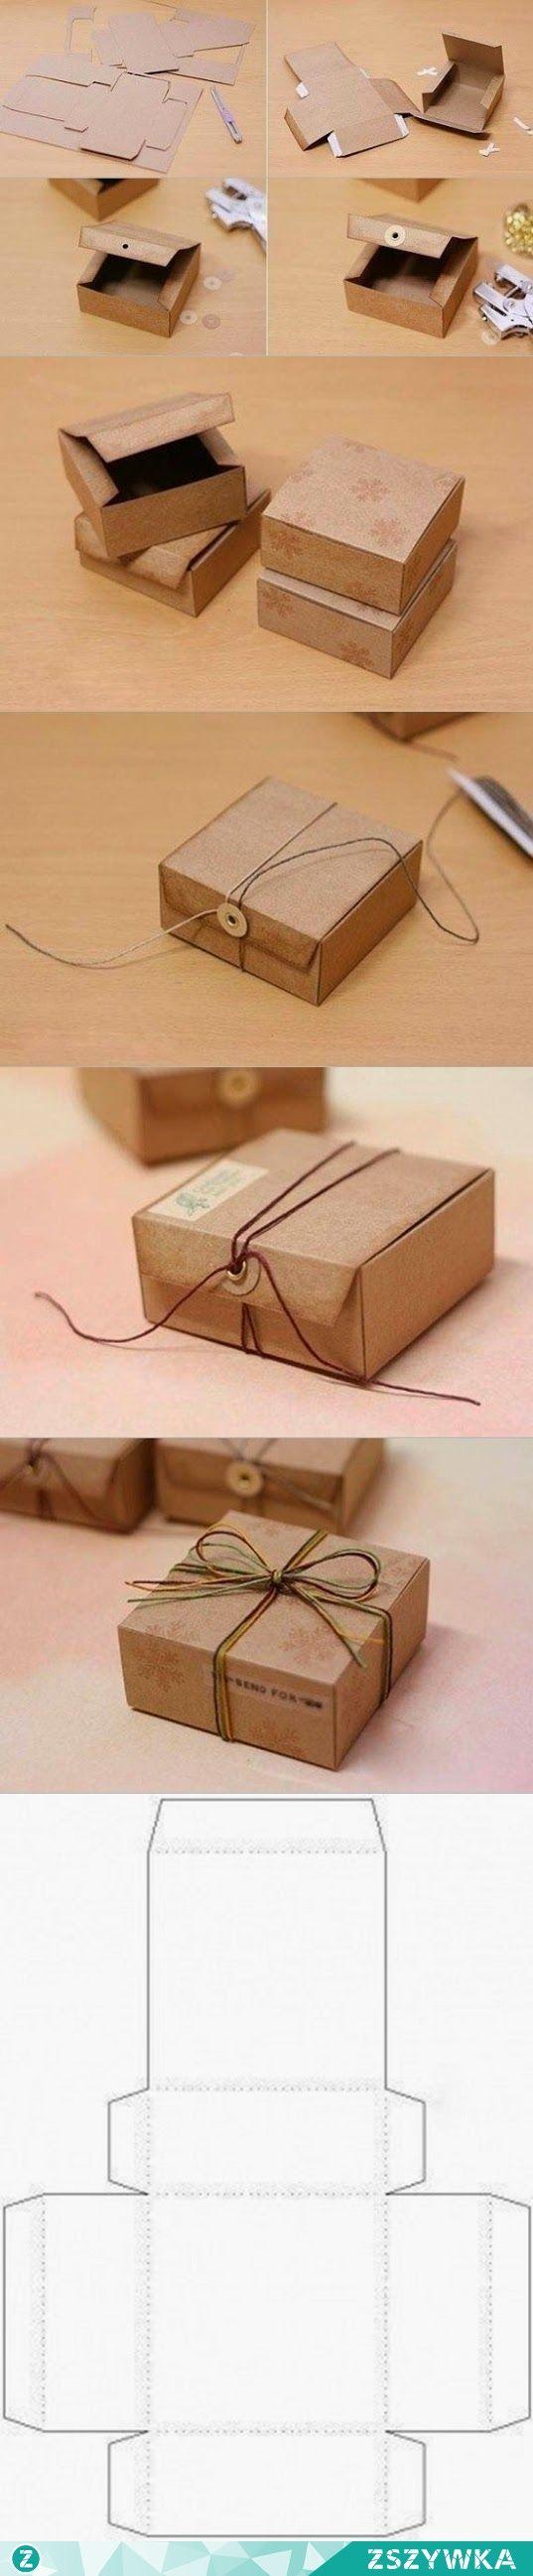 Zobacz zdjęcie Super opakowanie na prezent dla kogoś! w pełnej rozdzielczości